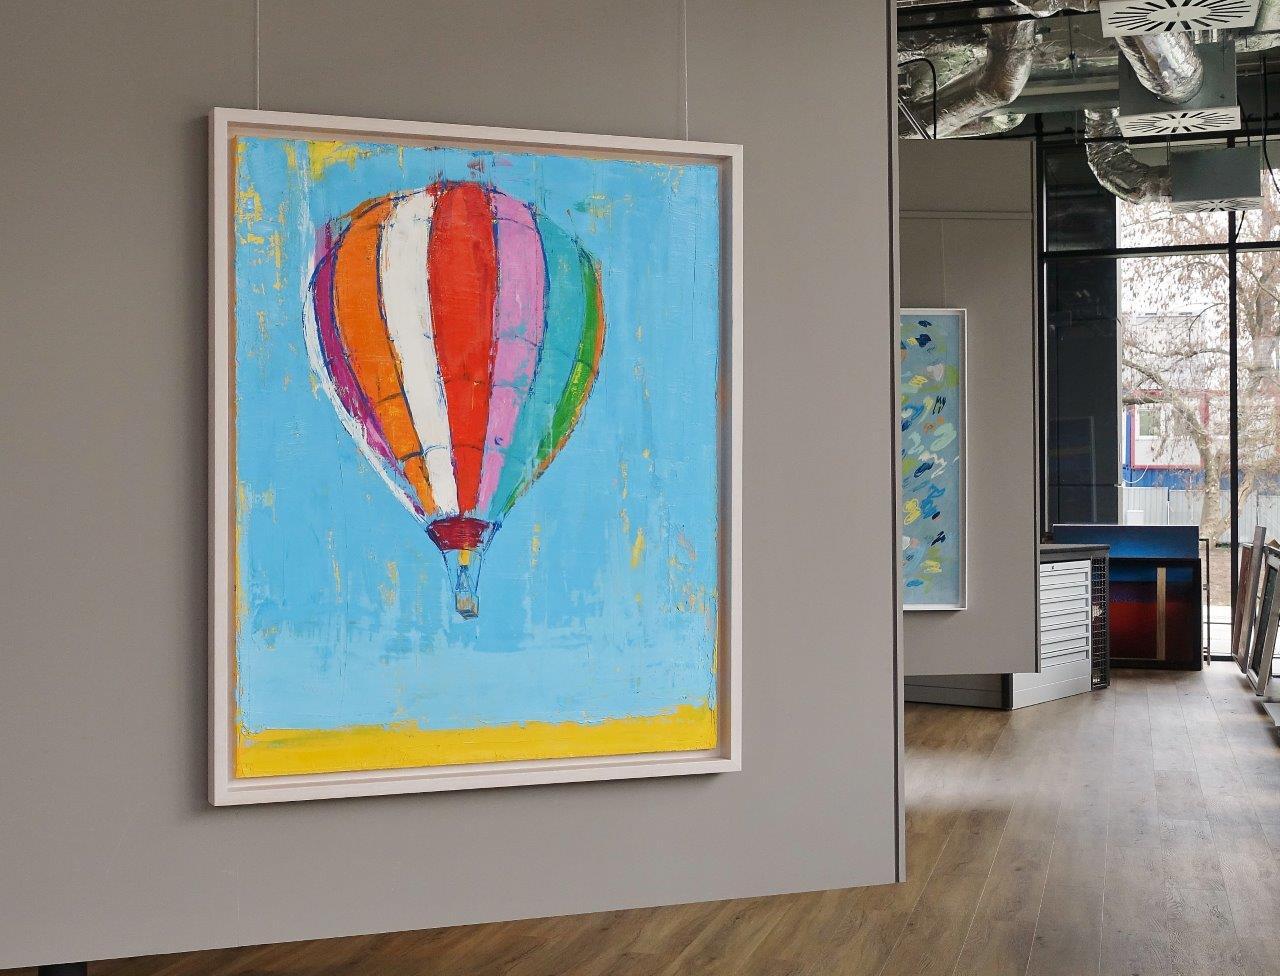 Jacek Łydżba : Balloon